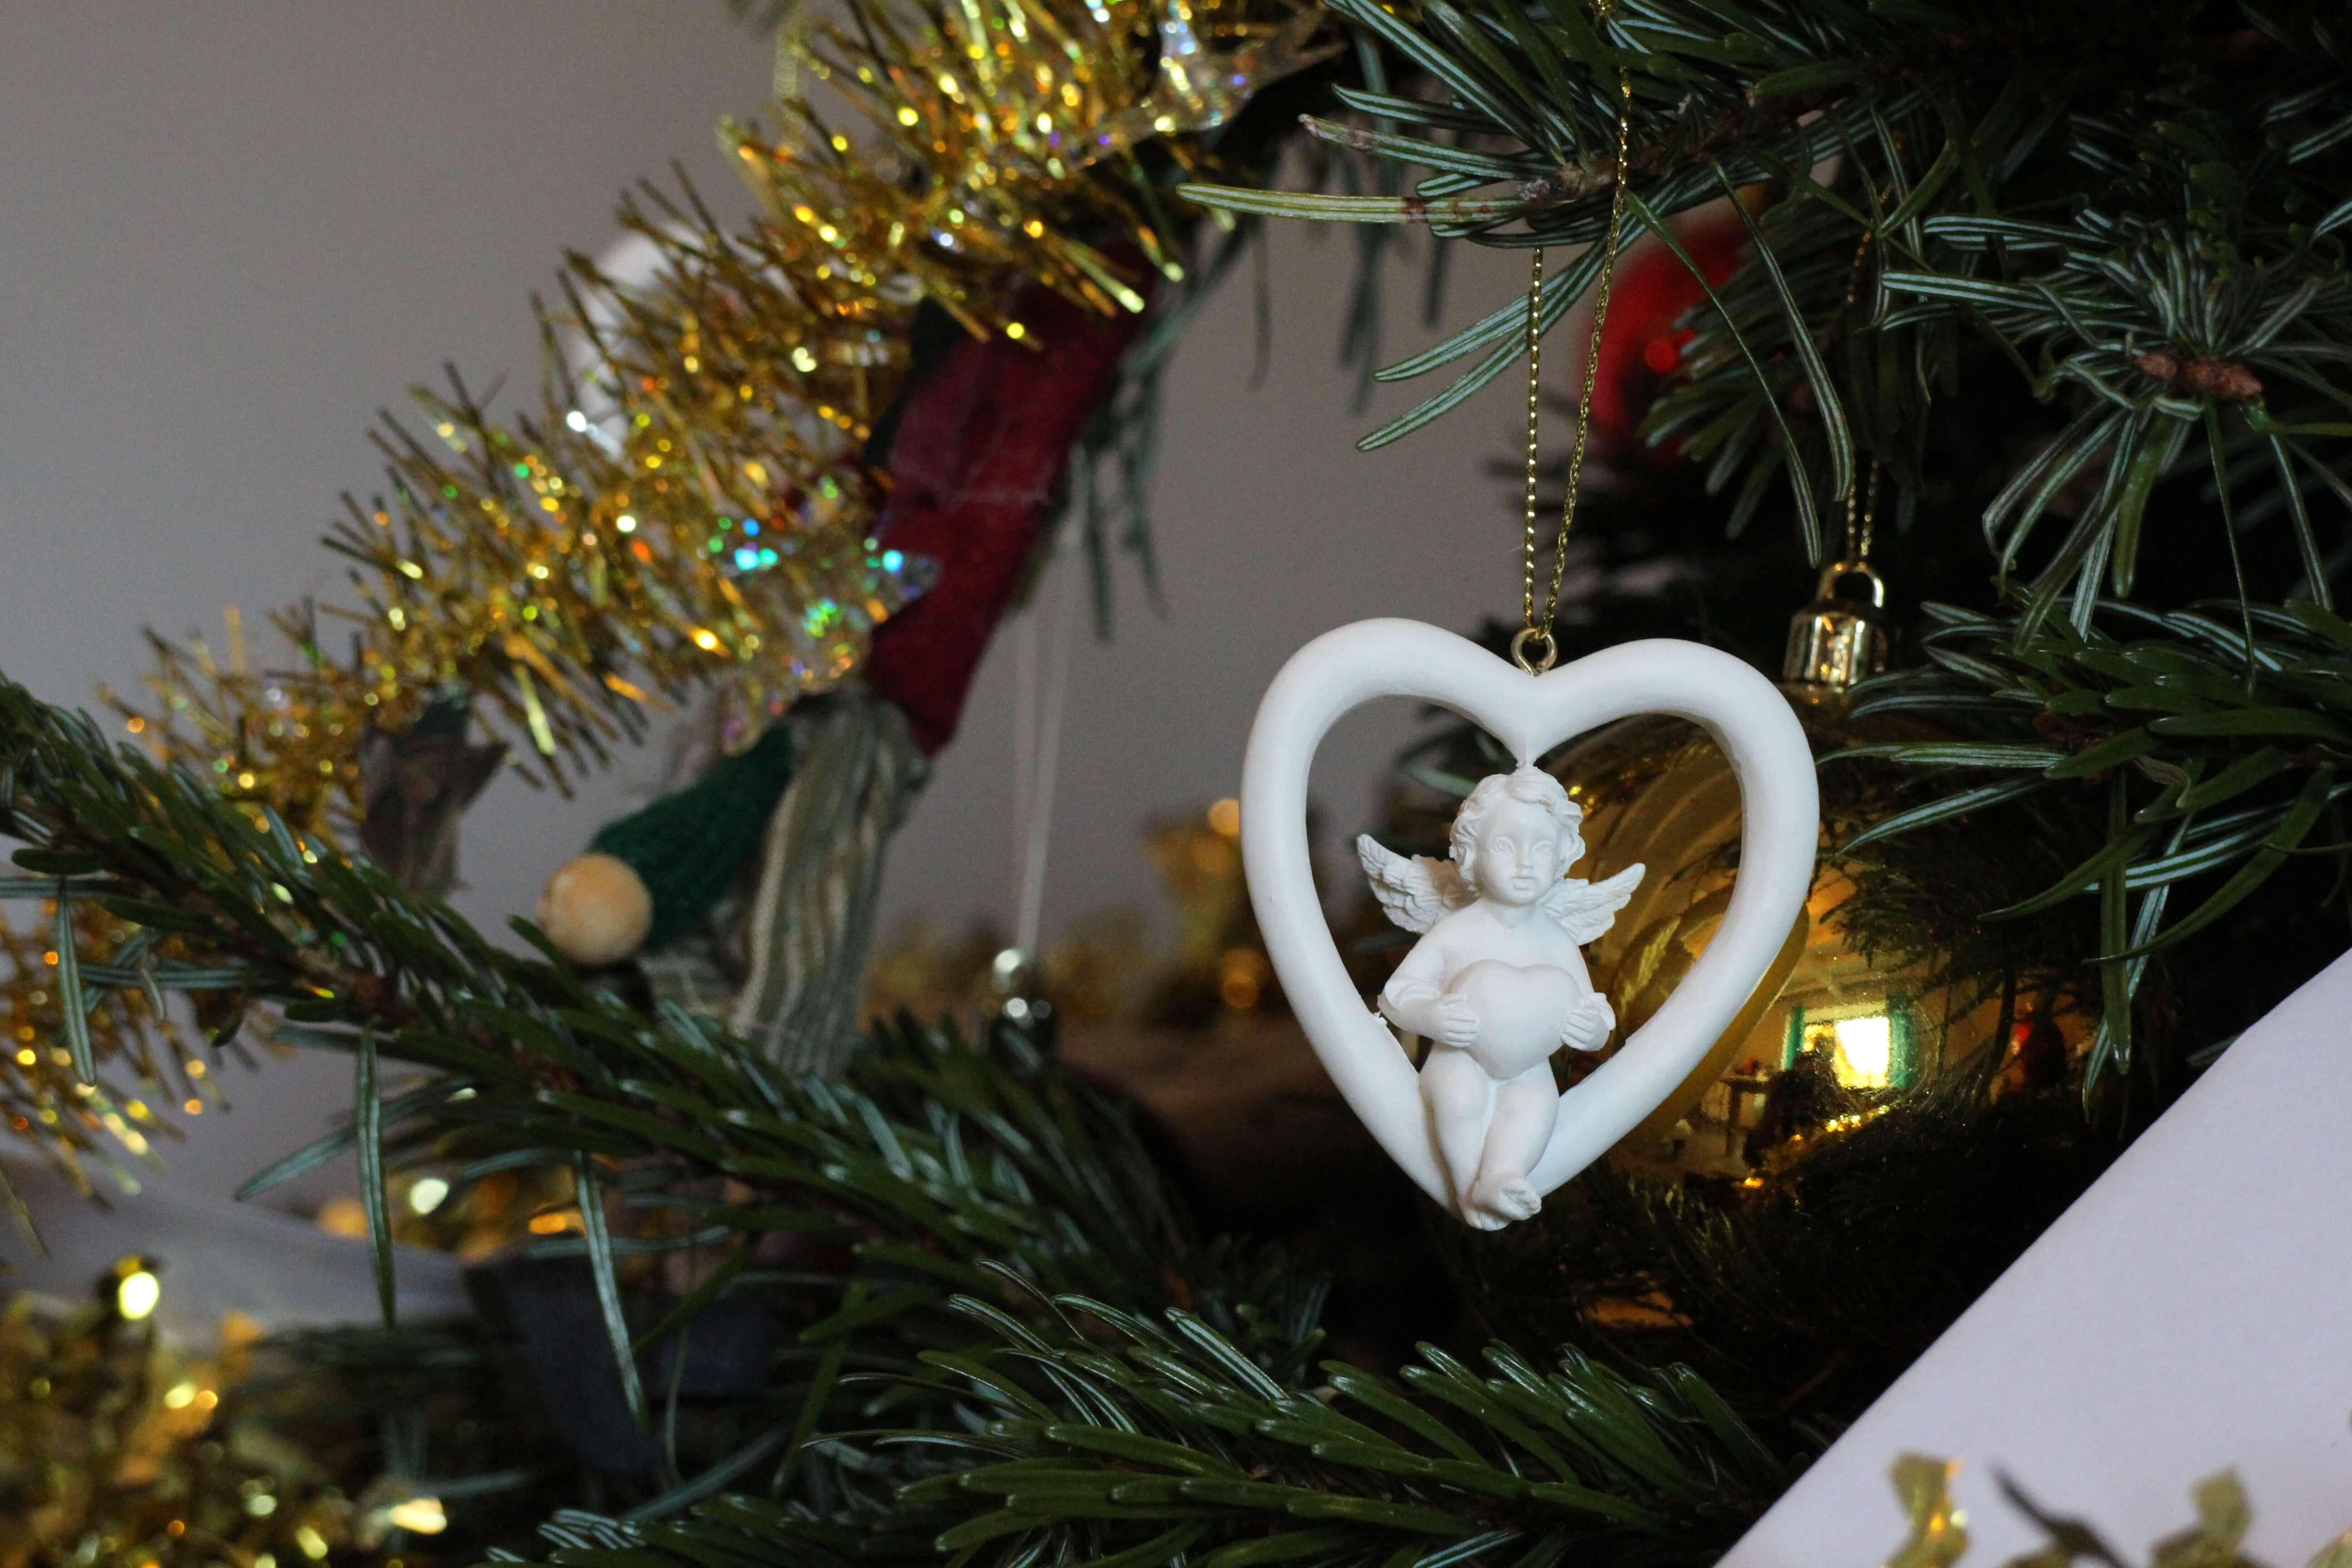 Acheter des anges pour noel d coration de no l ange paradis - Anges de noel ...